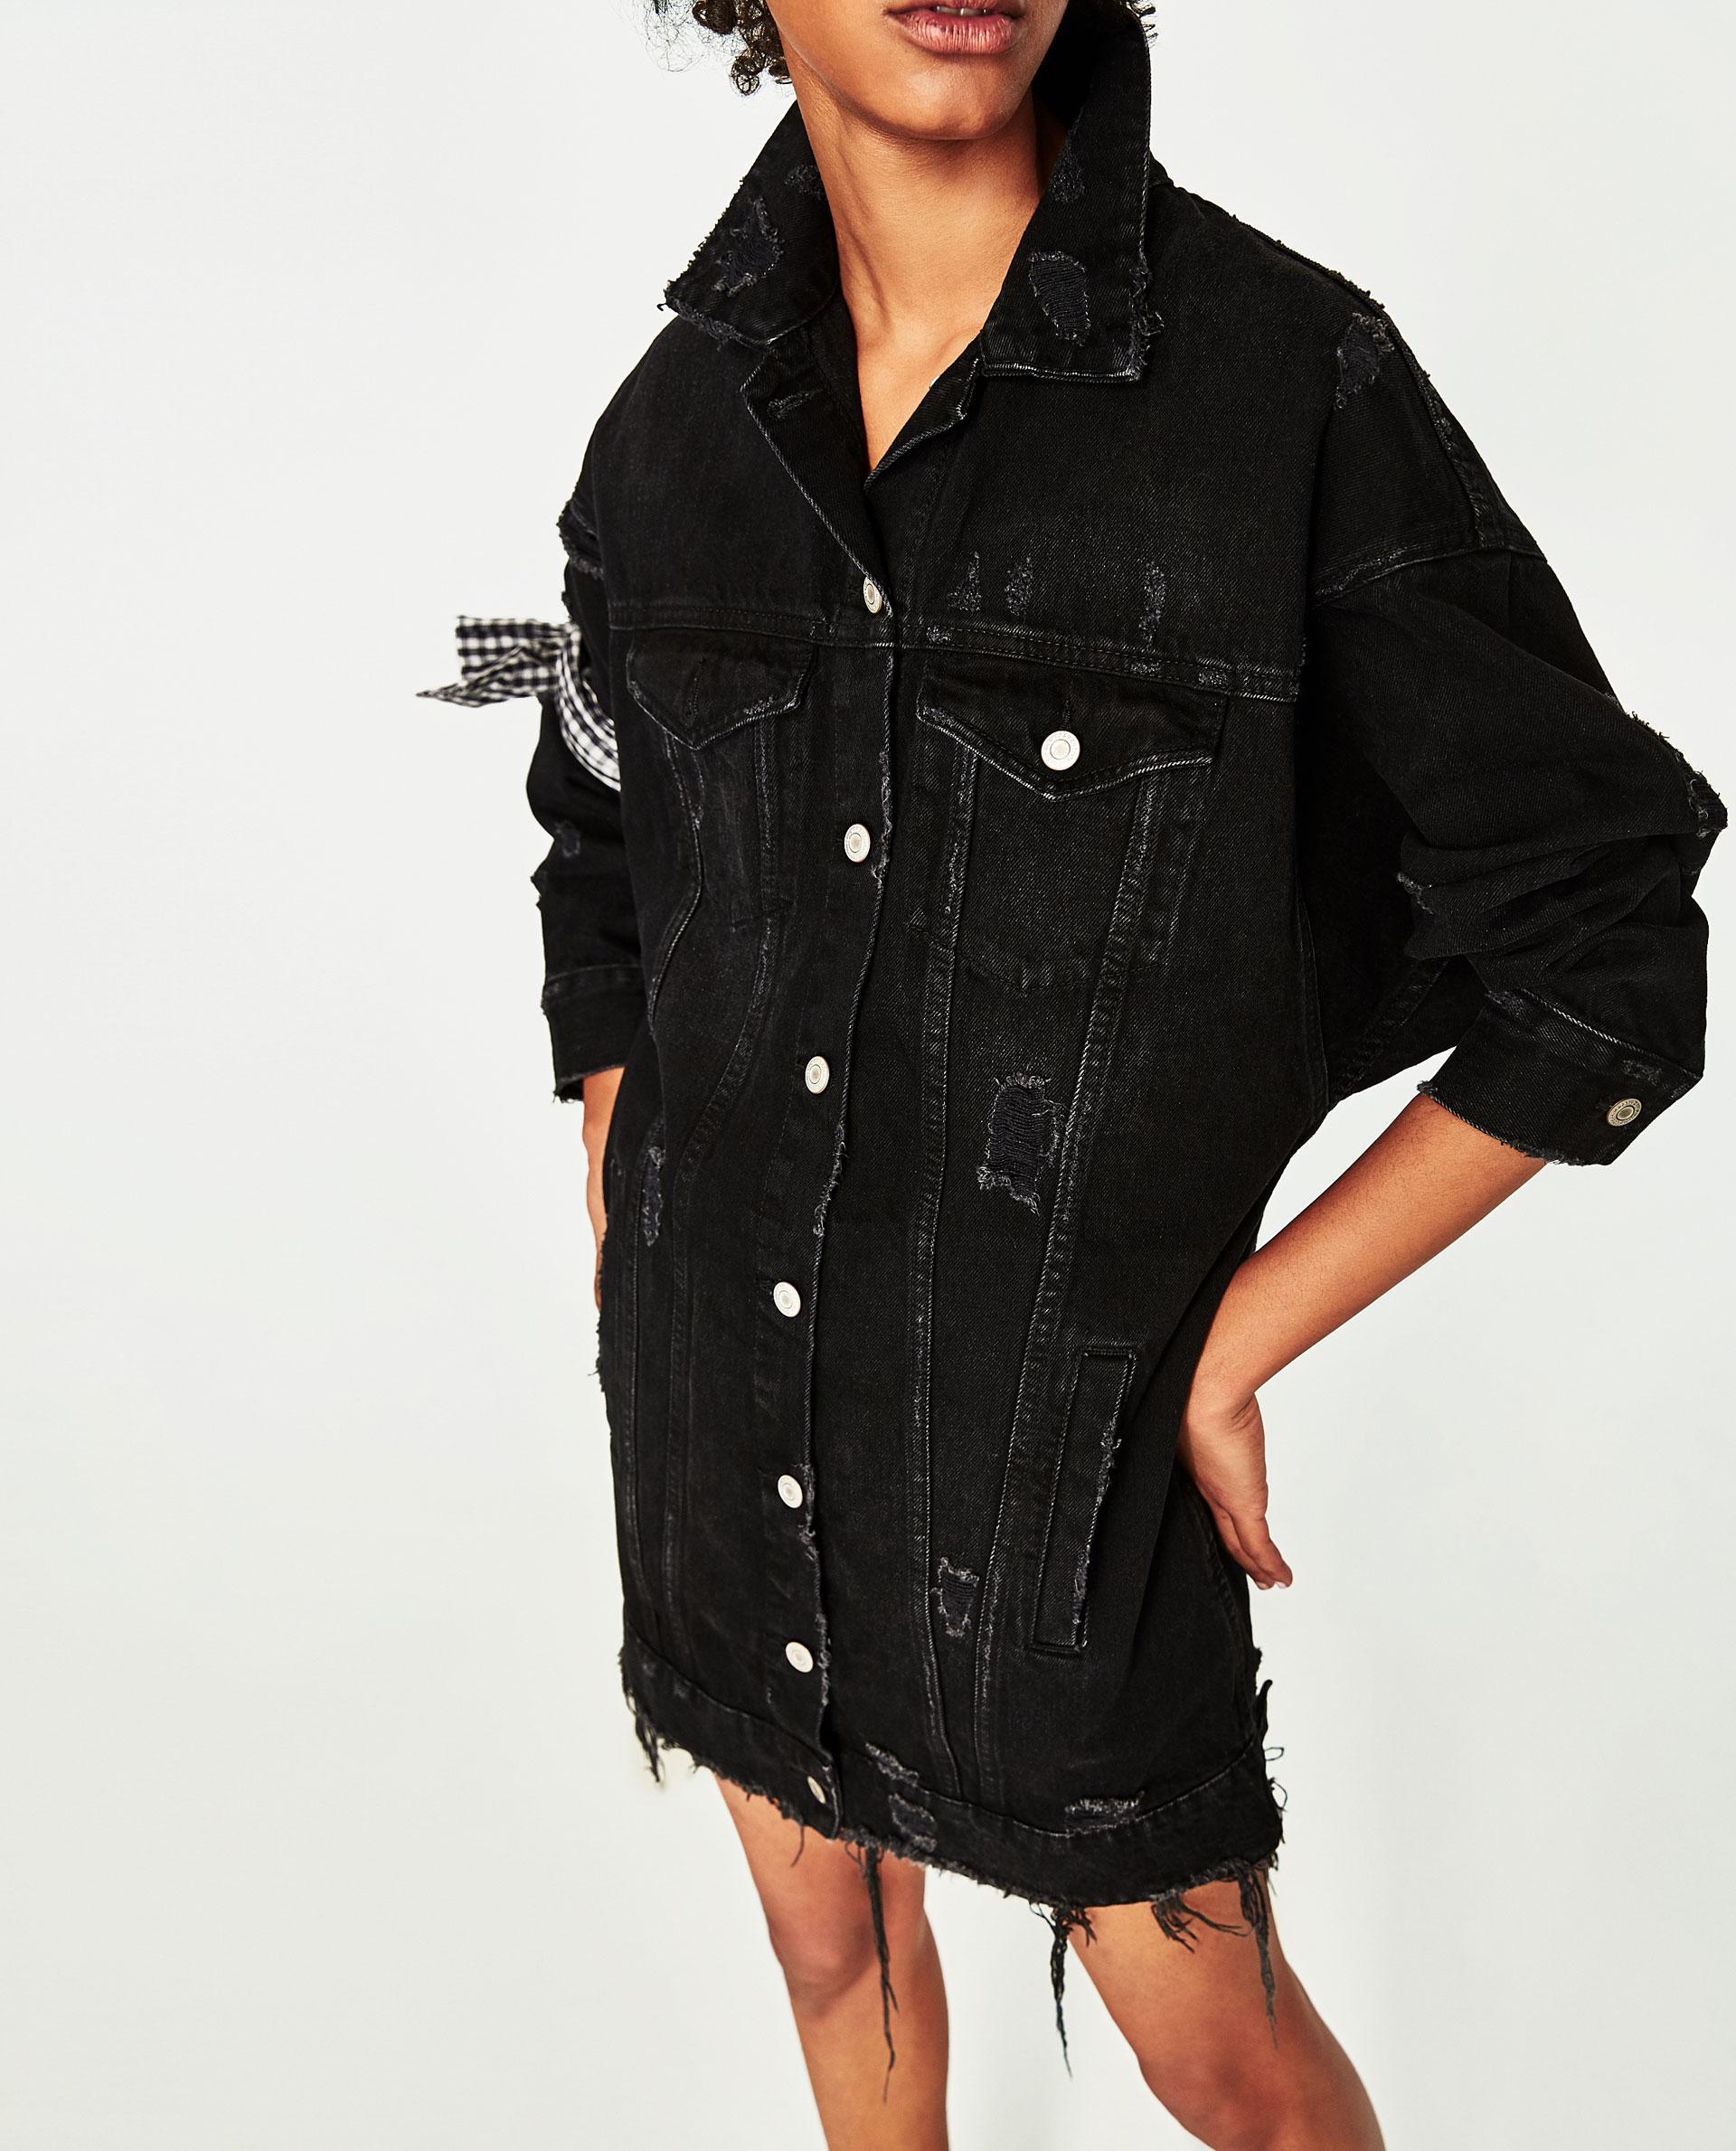 Zara Long Denim Jacket In Black Lyst